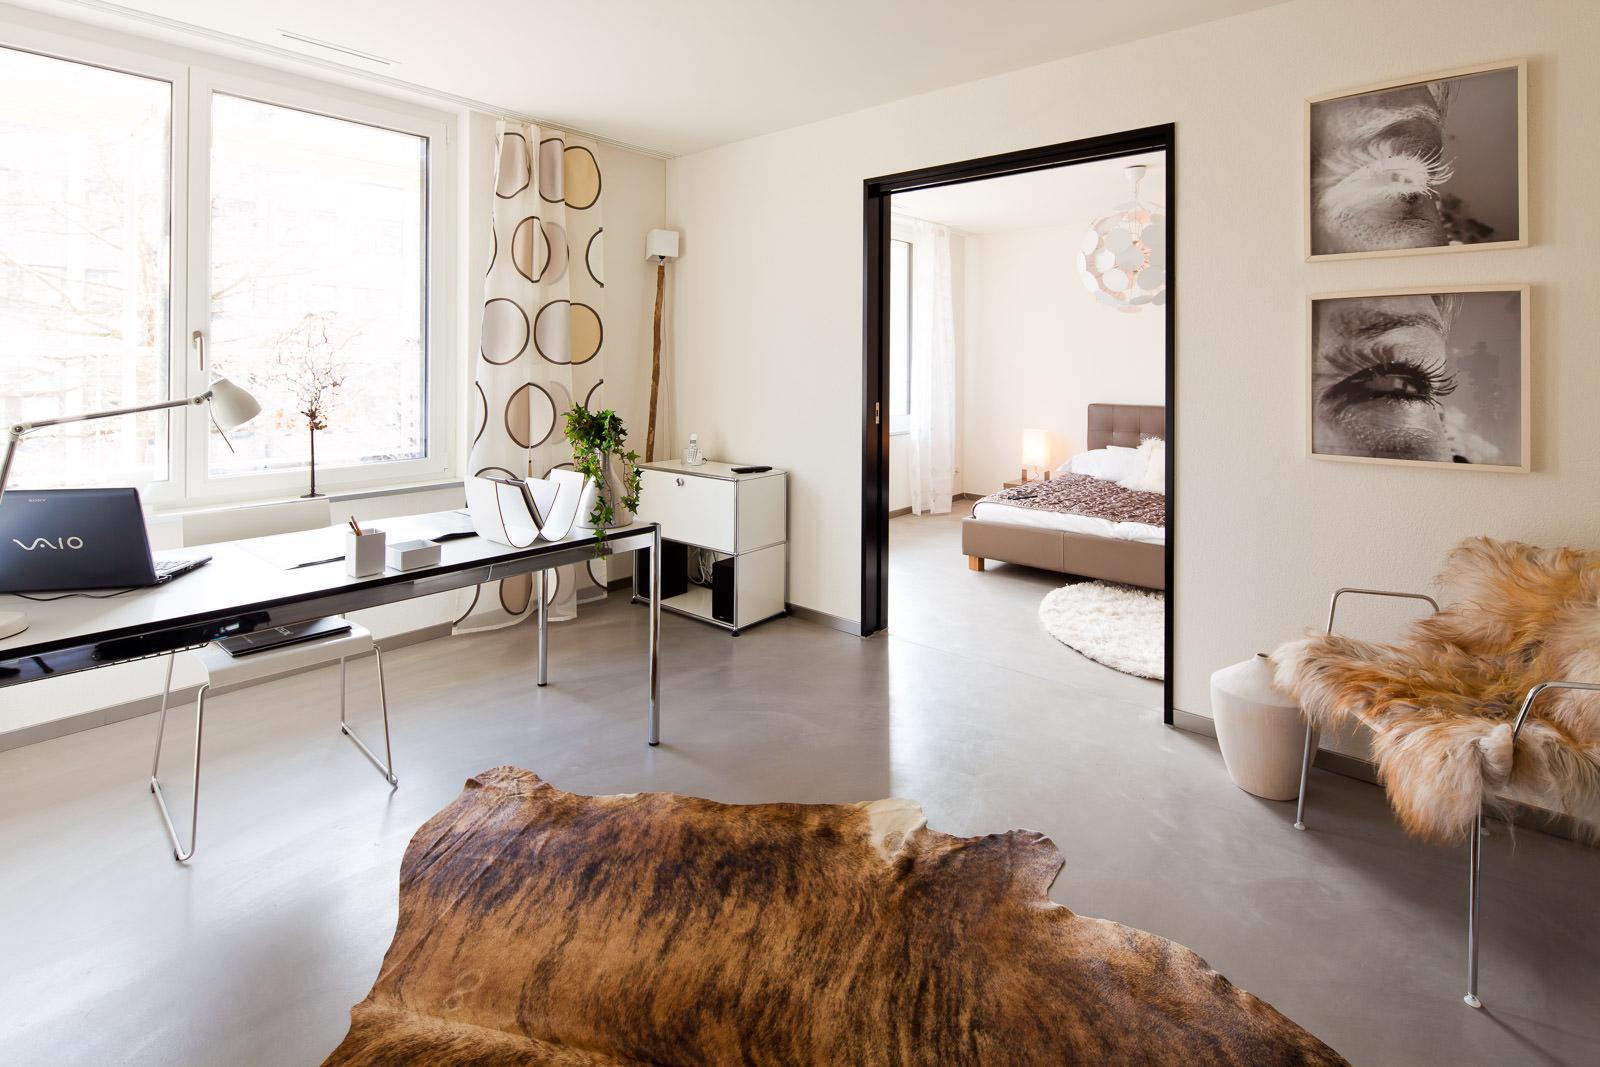 Beispielwohnung eingerichtet - Immobilienfotos Immobilienvermarktung